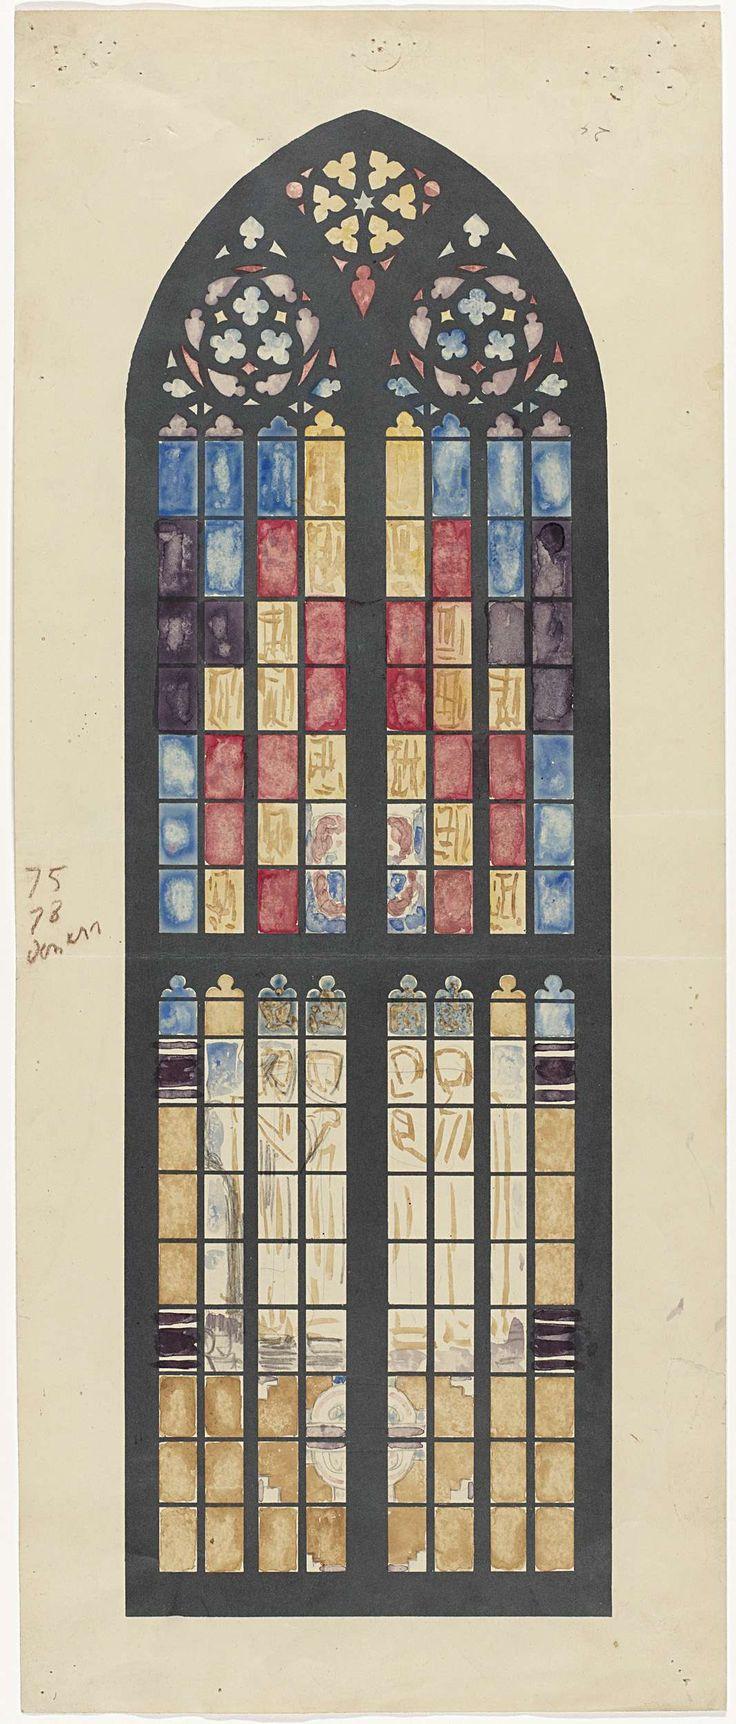 Ontwerp voor raam in het Zuidertransept van de Dom te Utrecht, Richard Roland Holst (1868-1938). Het venster met de vier evangelisten in de Domkerk dateert van 1926.